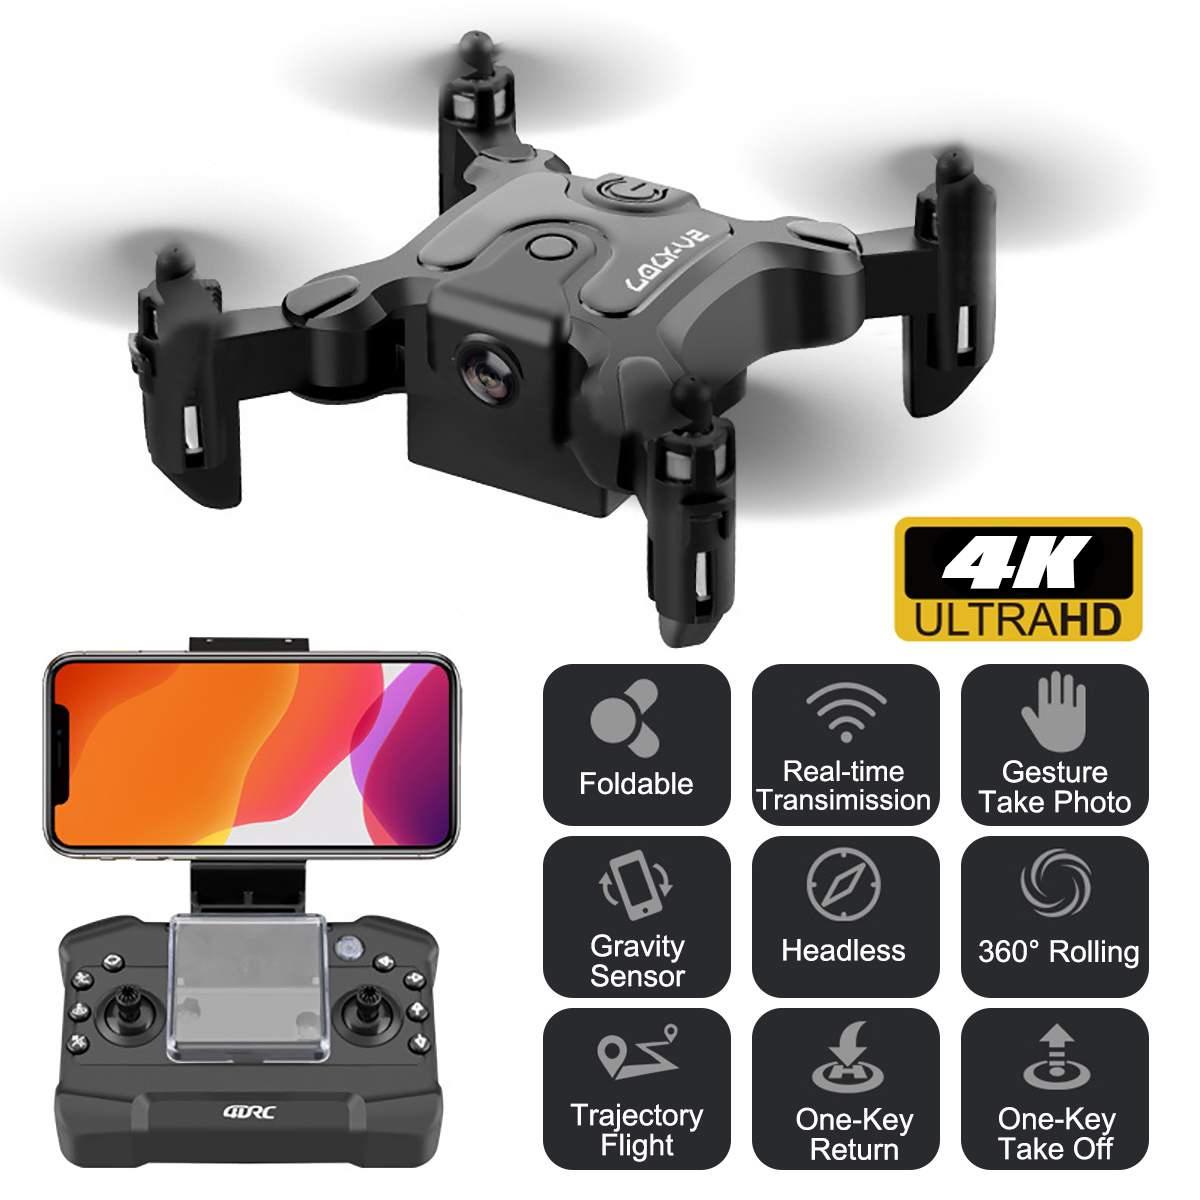 Мини-Дрон с 4K камерой HD складные дроны Квадрокоптер возврат одной кнопкой FPV Follow Me Радиоуправляемый вертолет Квадрокоптер детские игрушки